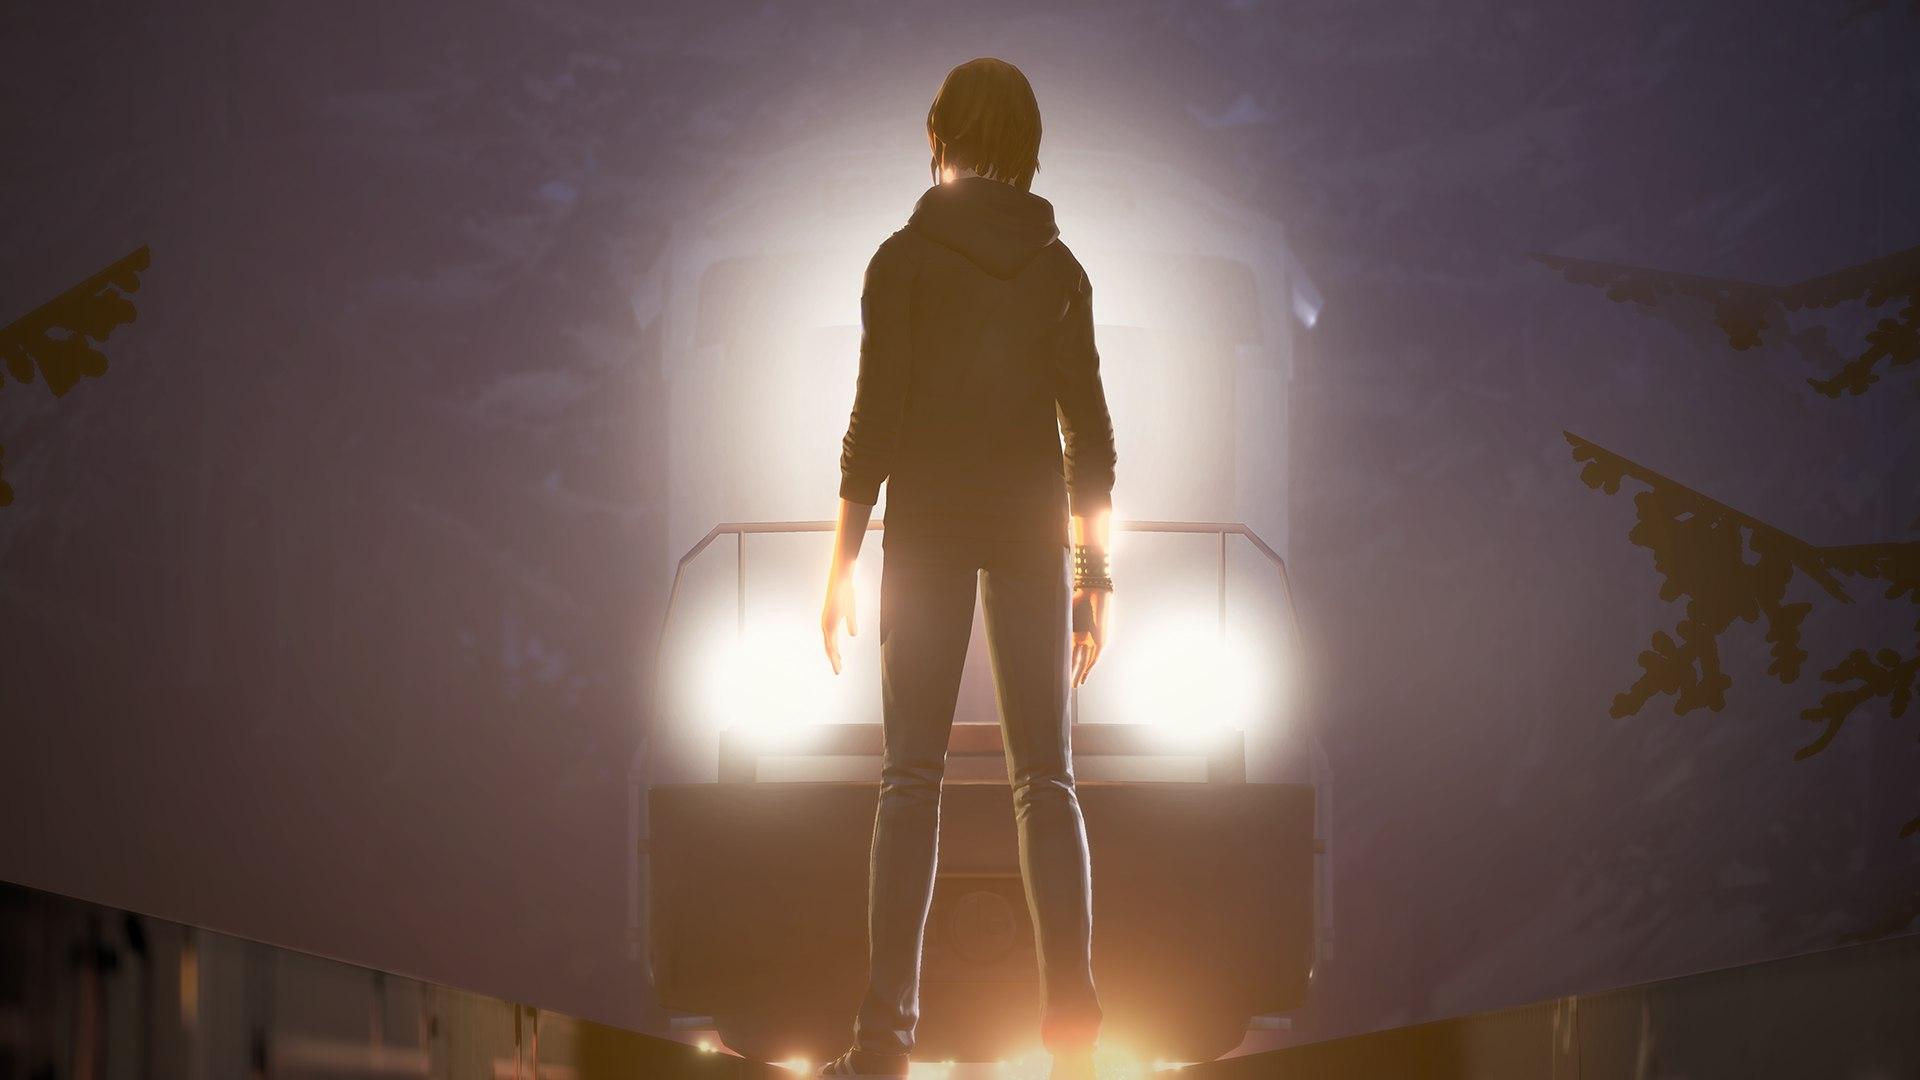 Хлоя стоит перед поездом в Before the Storm